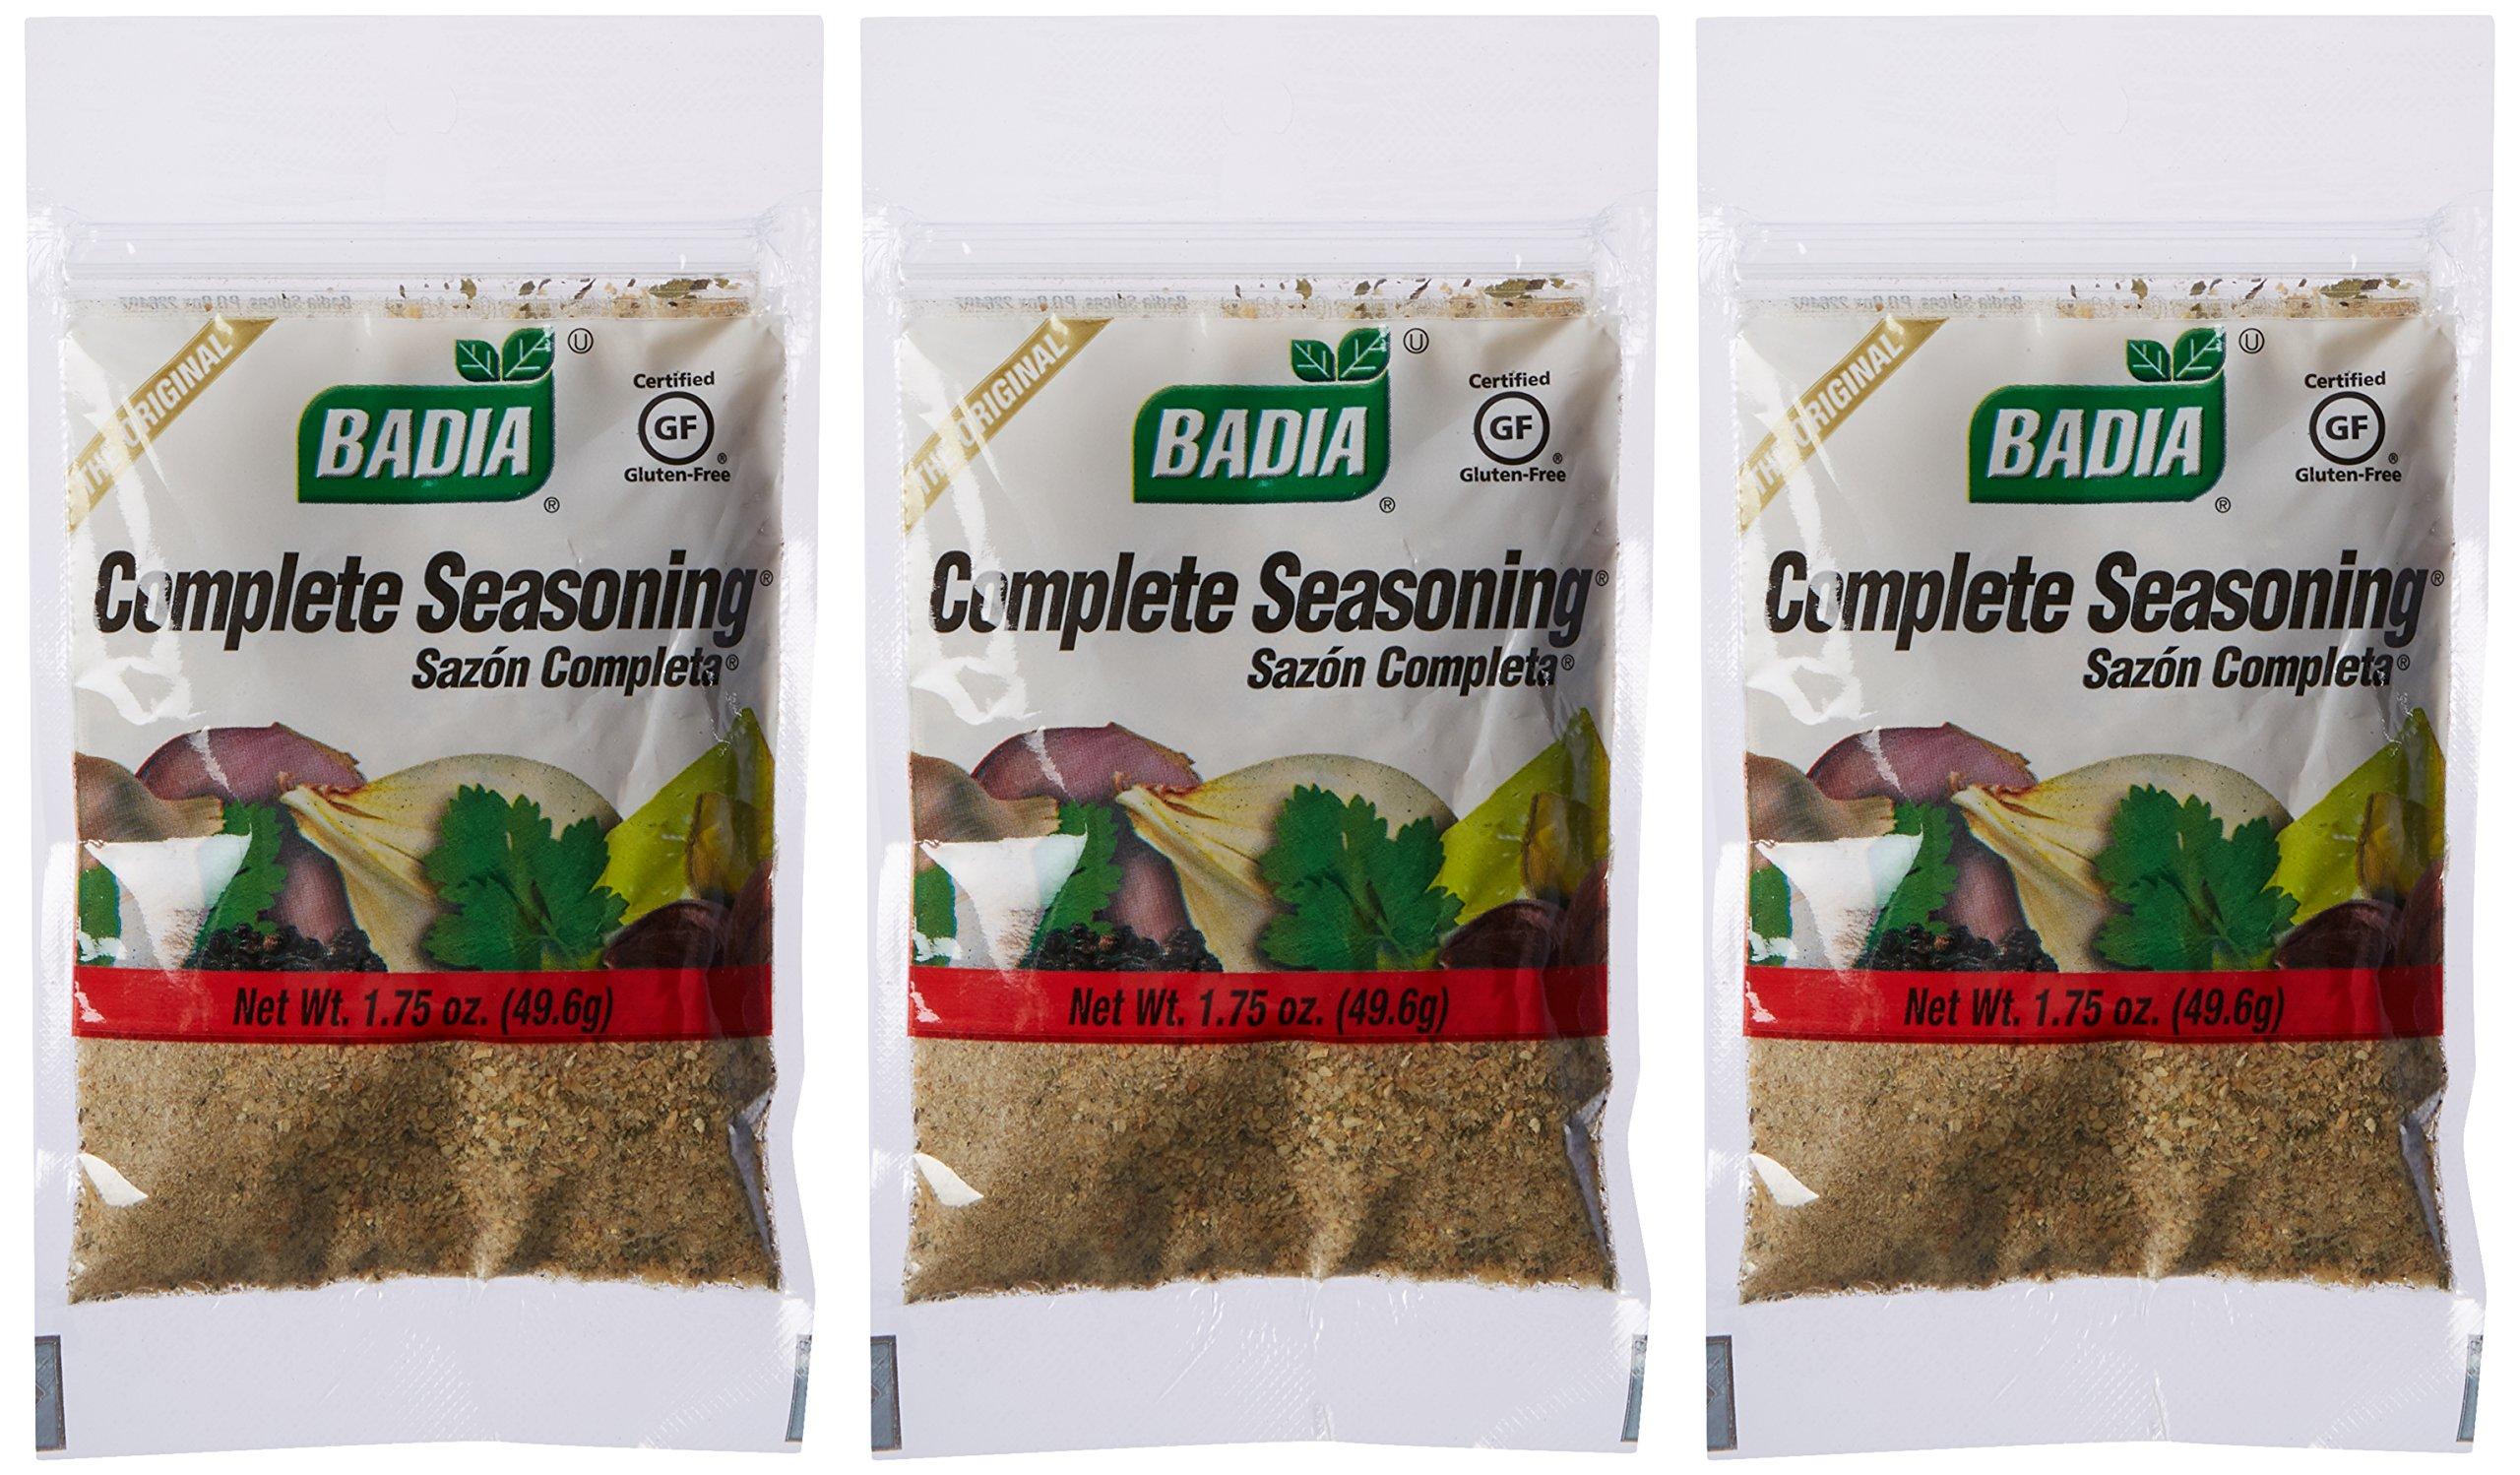 Badia Complete Seasoning 1.75 oz Pack of 3